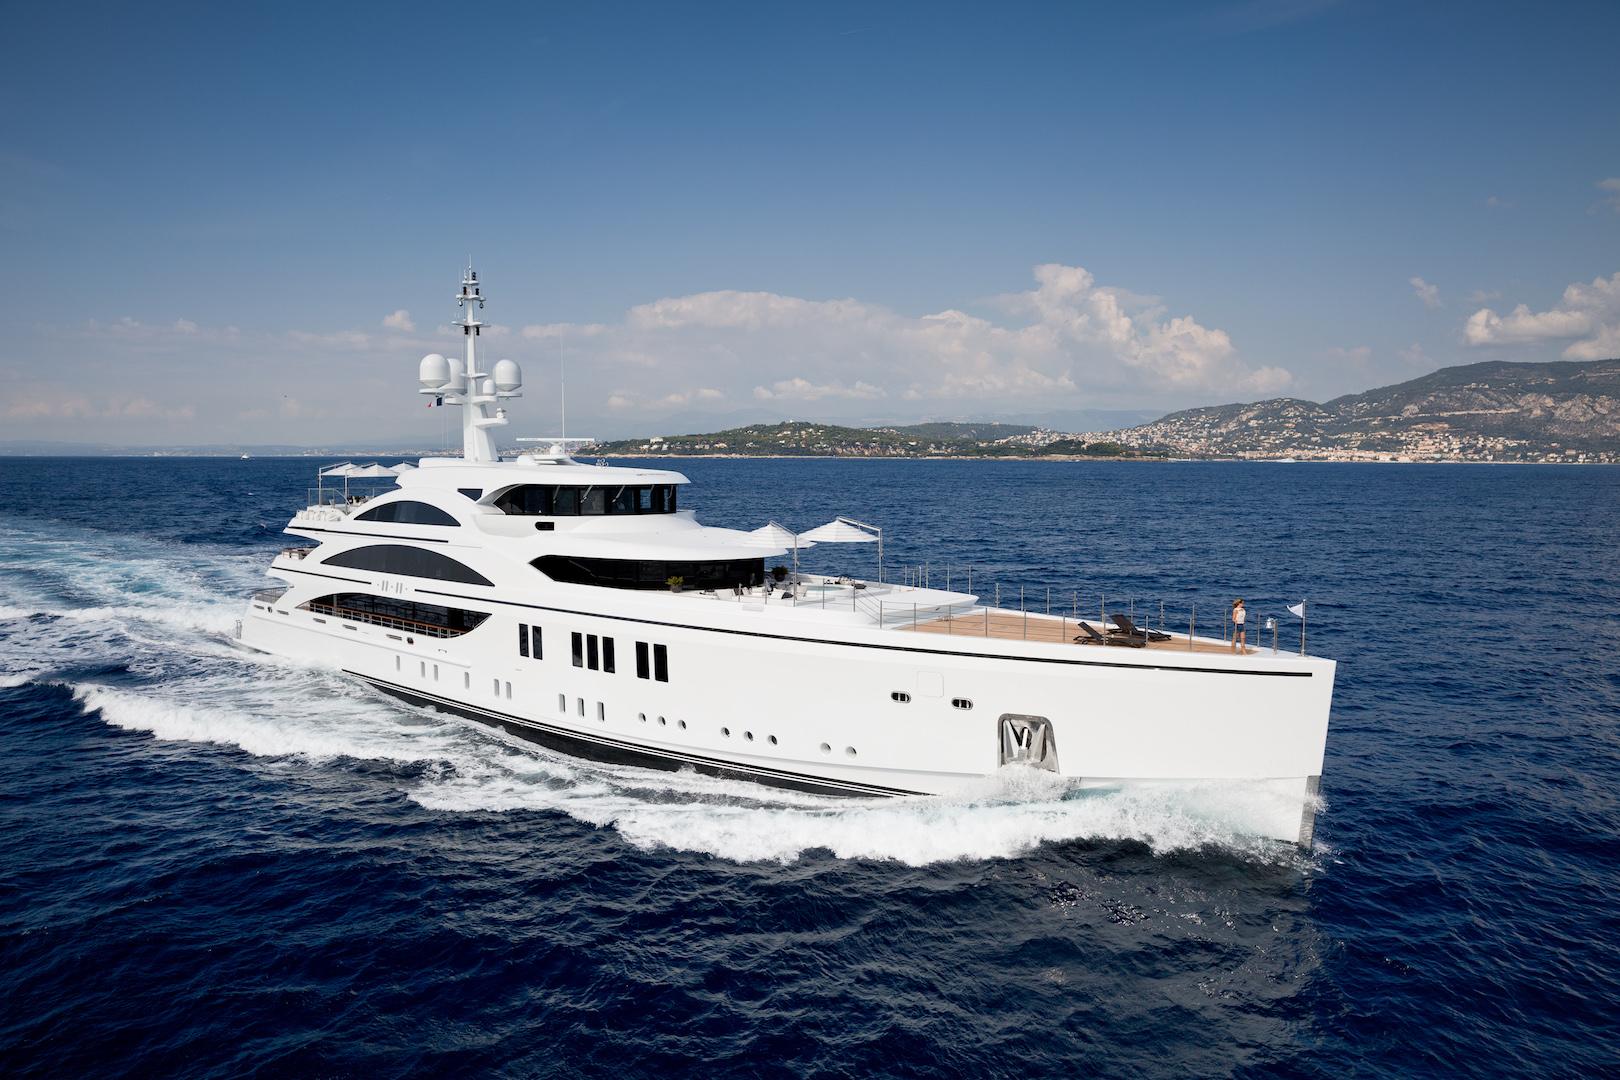 Alquiler de yates y barcos de lujo en Ibiza. Barcos baratos de alquiler en Ibiza